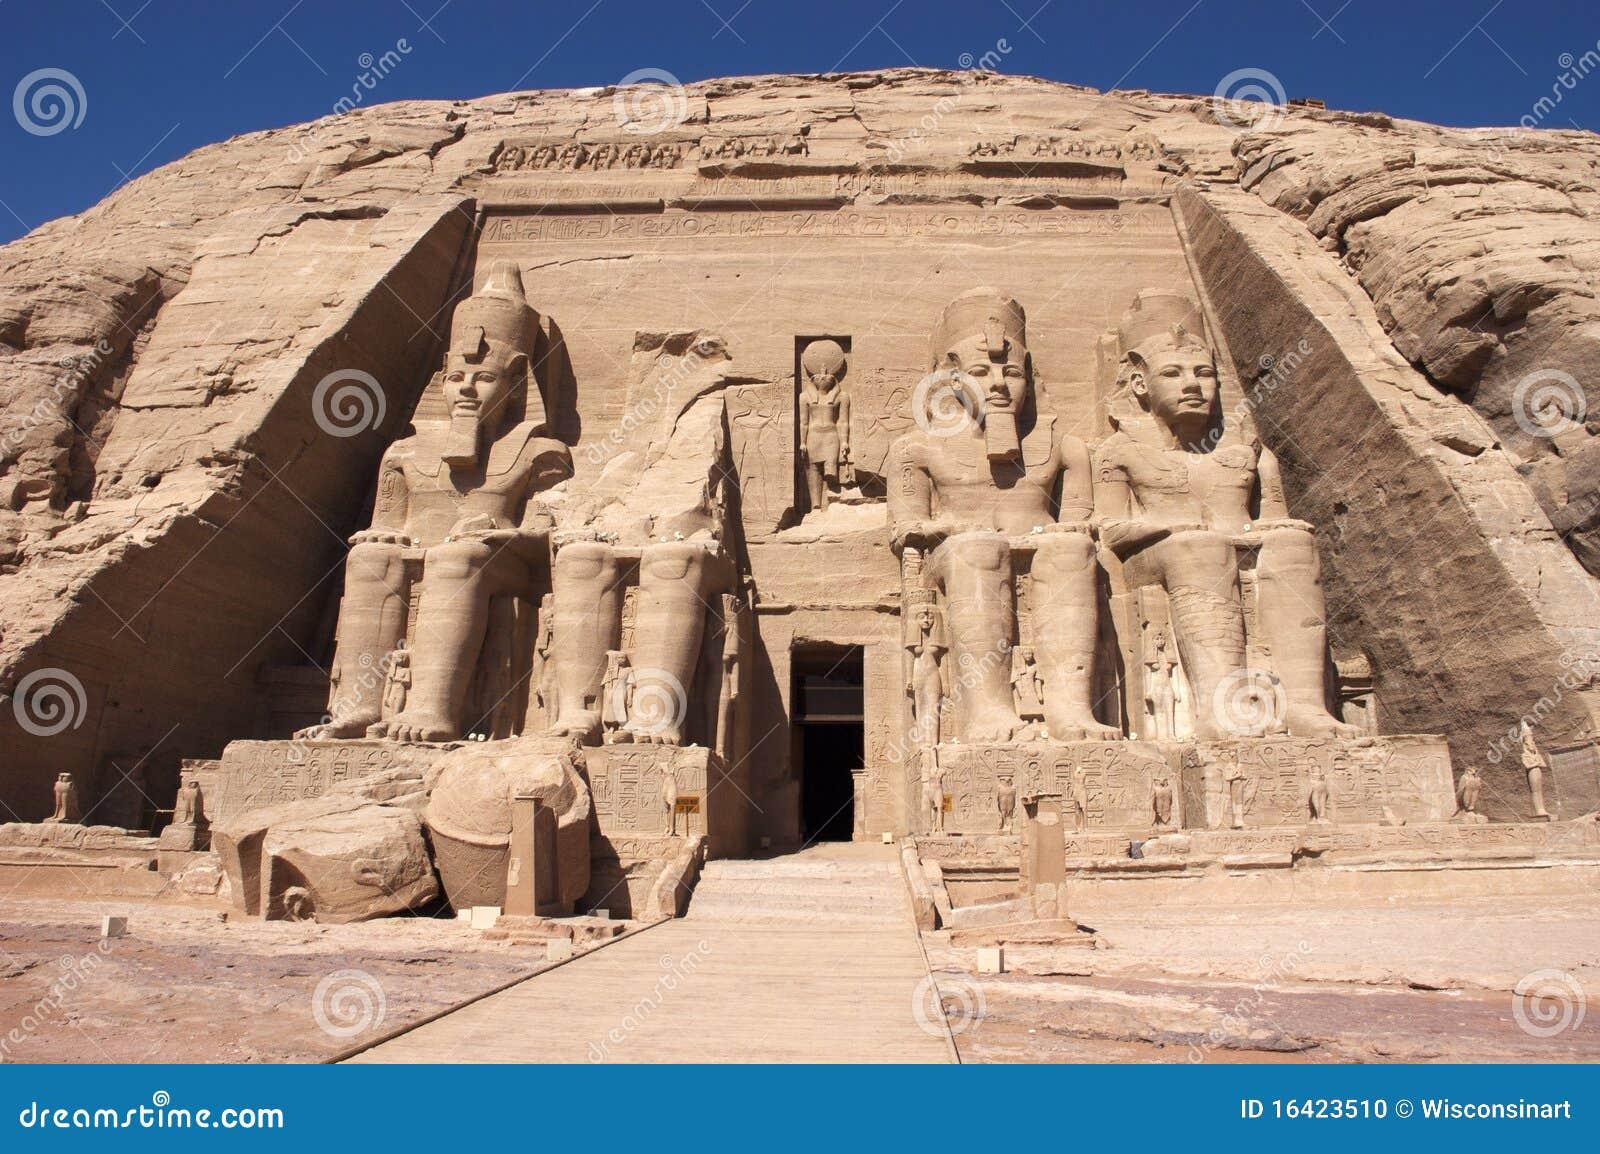 Website Design Egypt